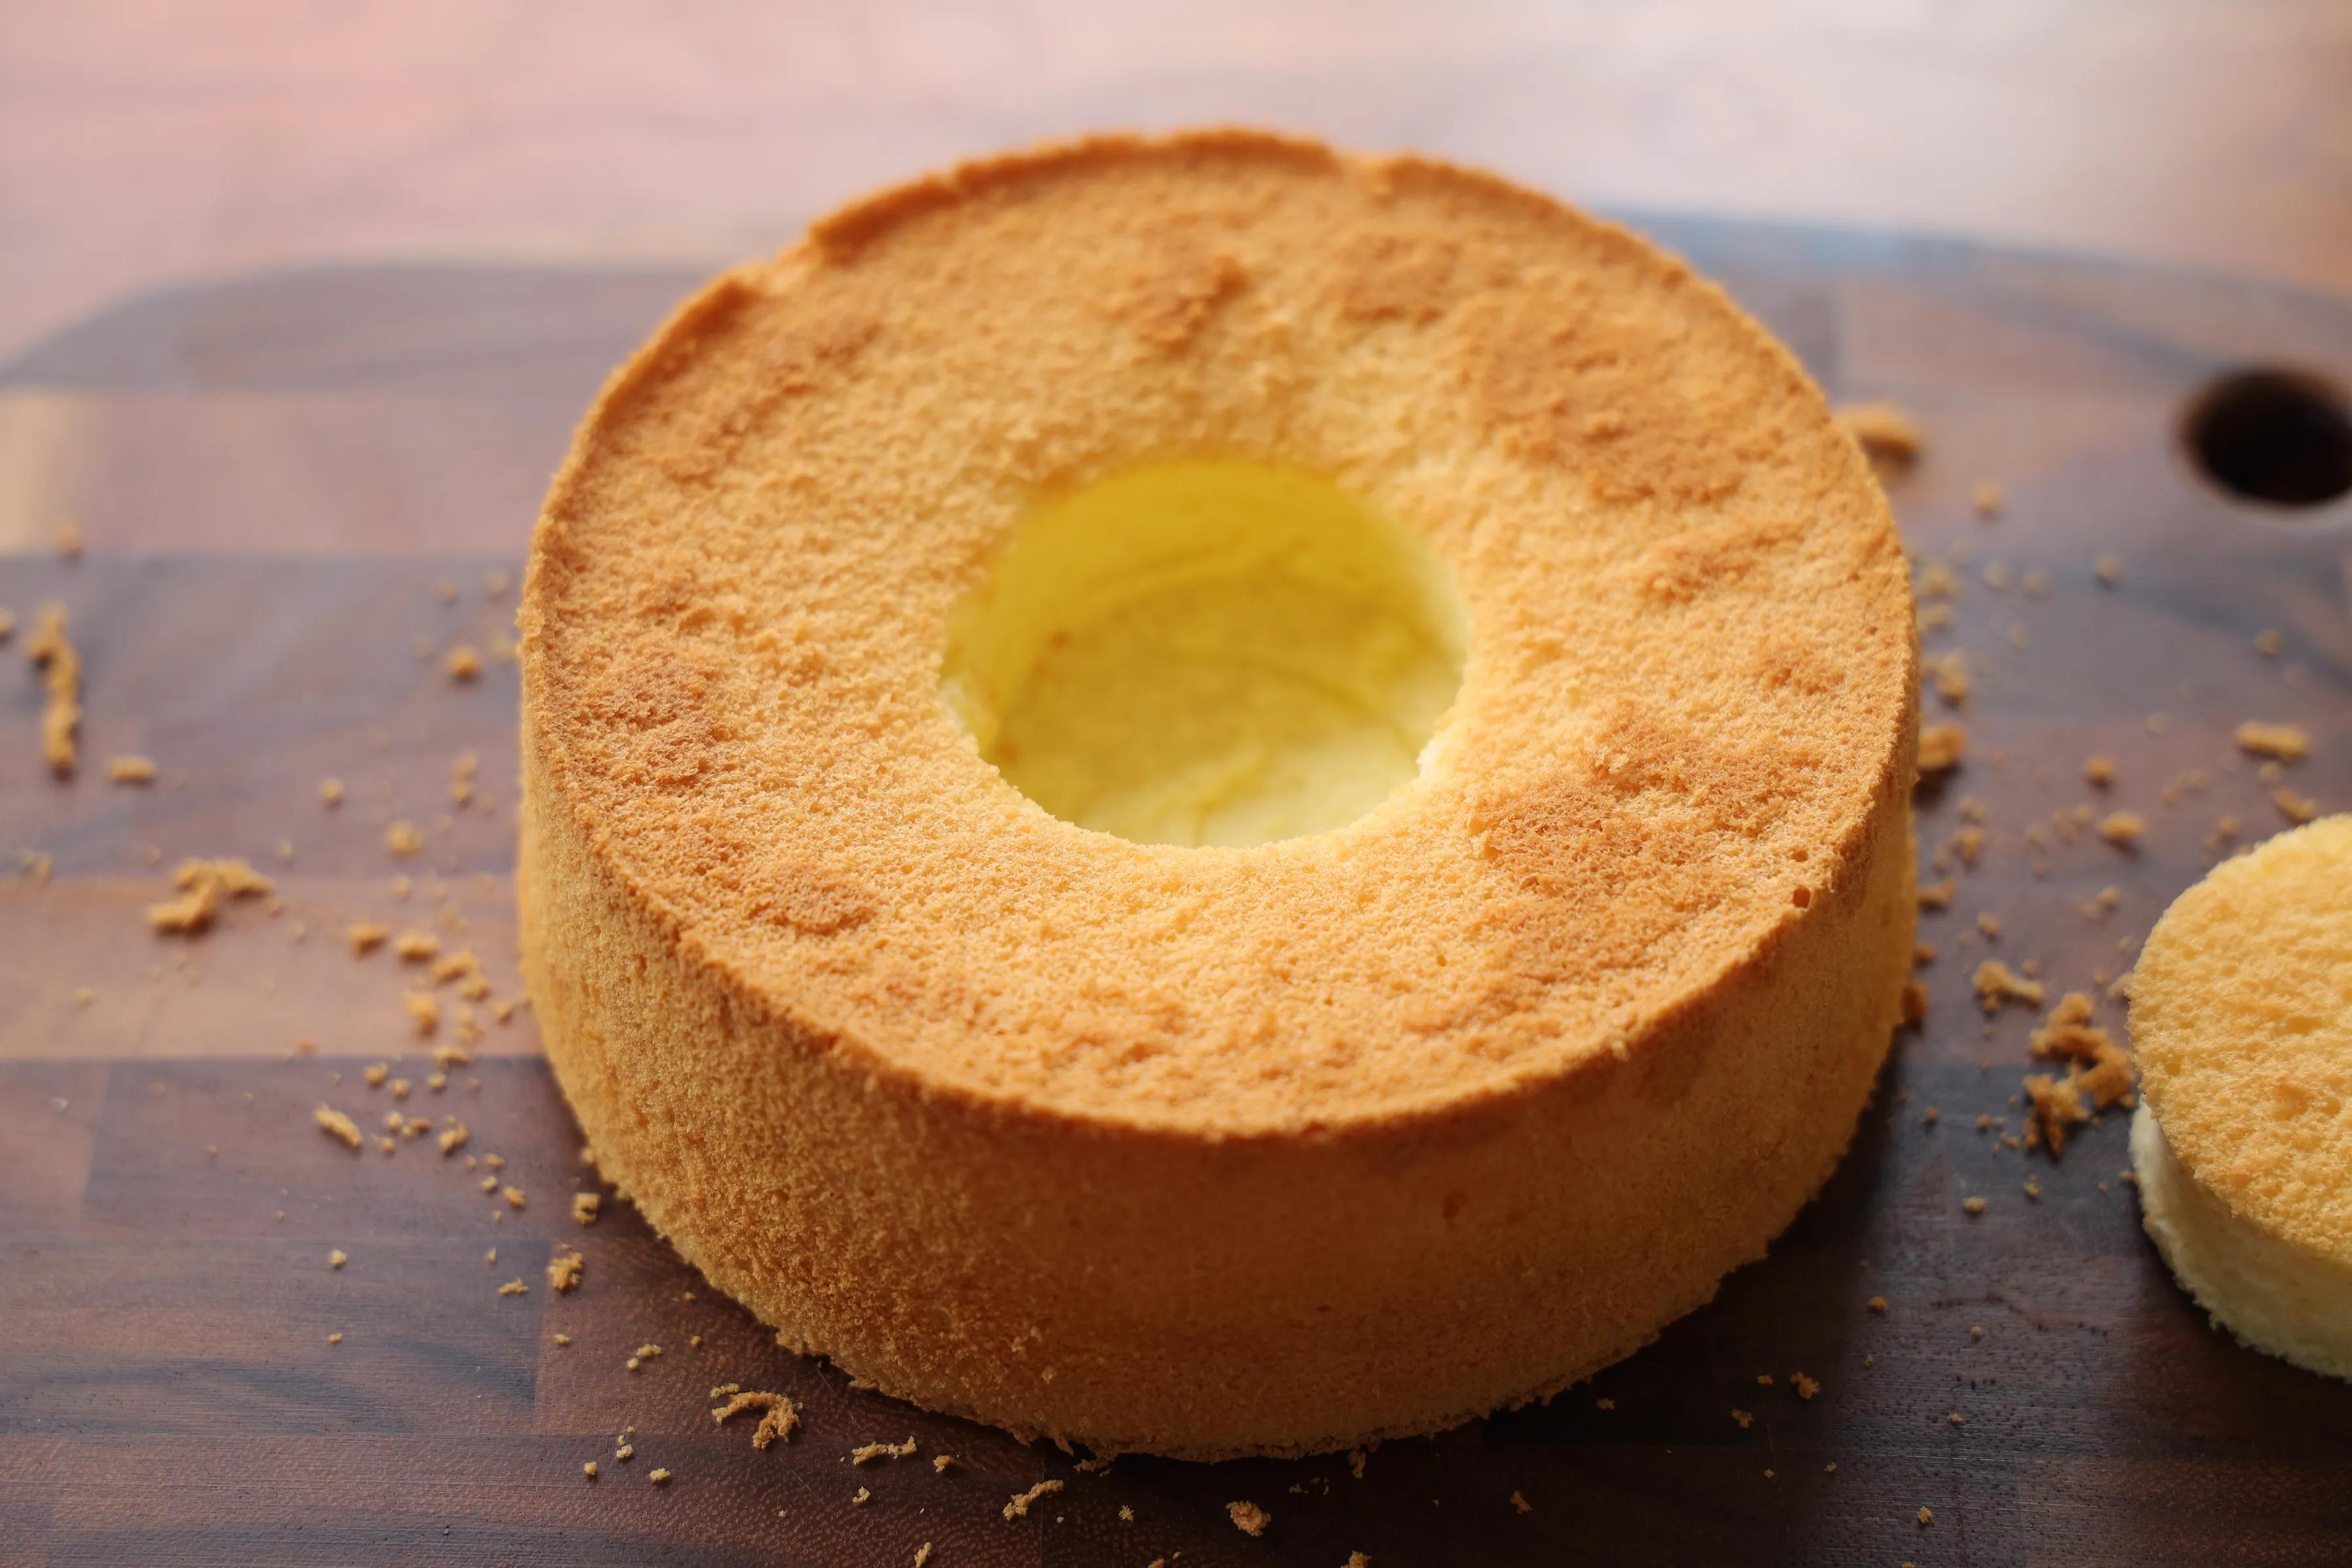 粉丝朋友点名要的网红爆浆蛋糕,切第一块的时候太治愈,味道超赞 美食做法 第14张